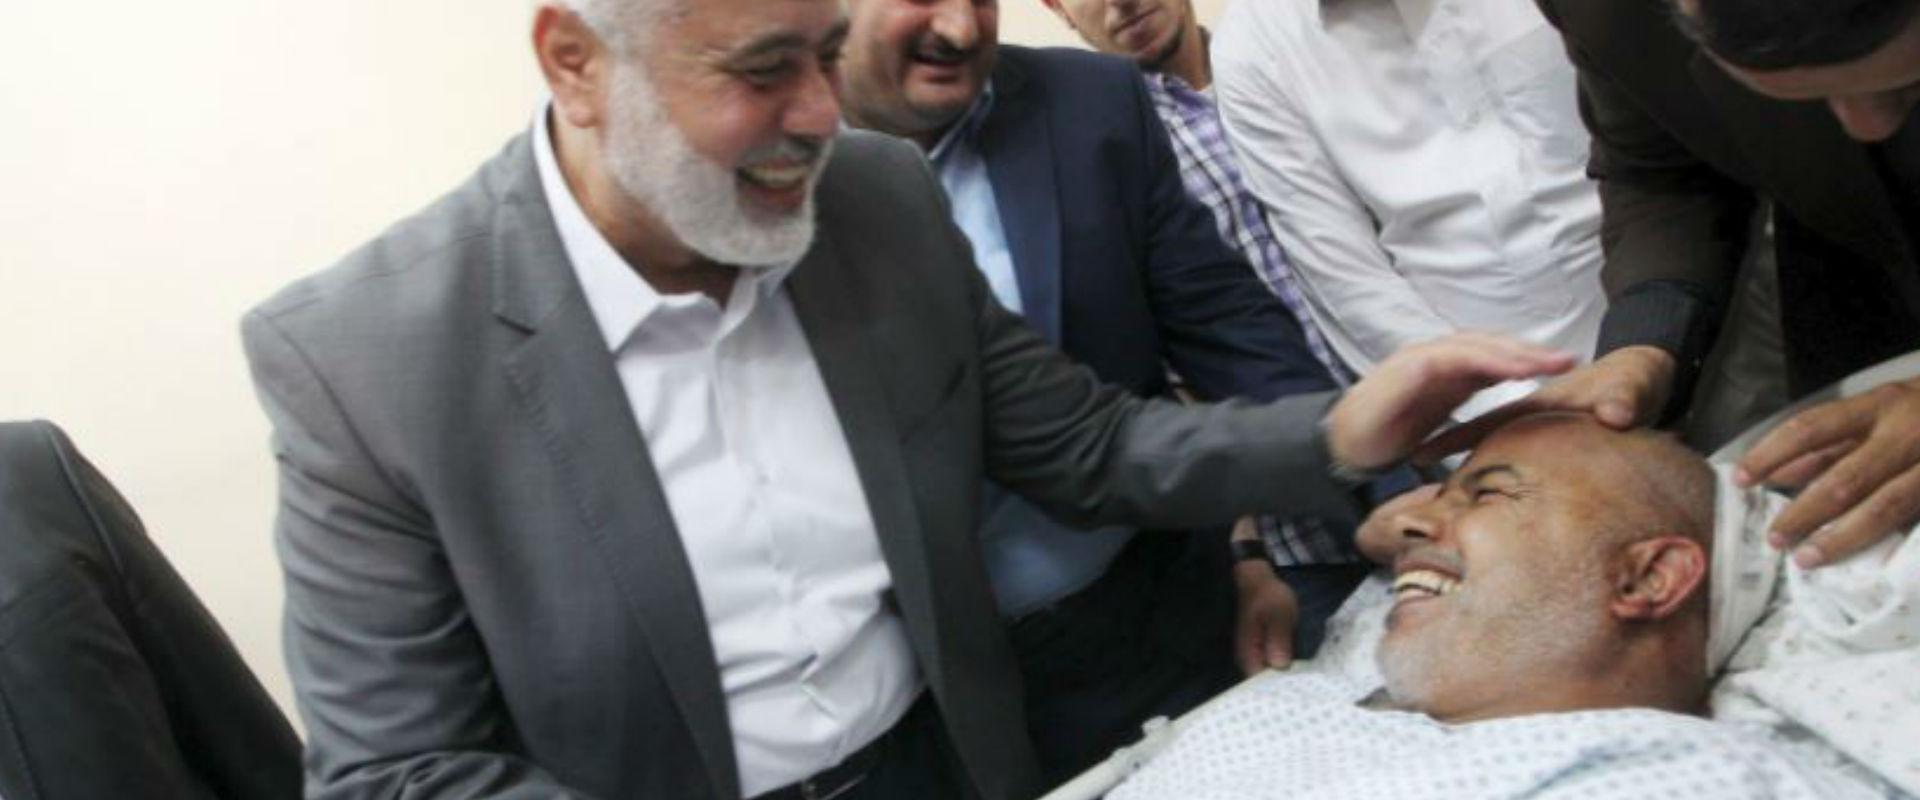 מנהיג חמאס איסמעיל הניה מבקר את תוופיק אבו נעים בב